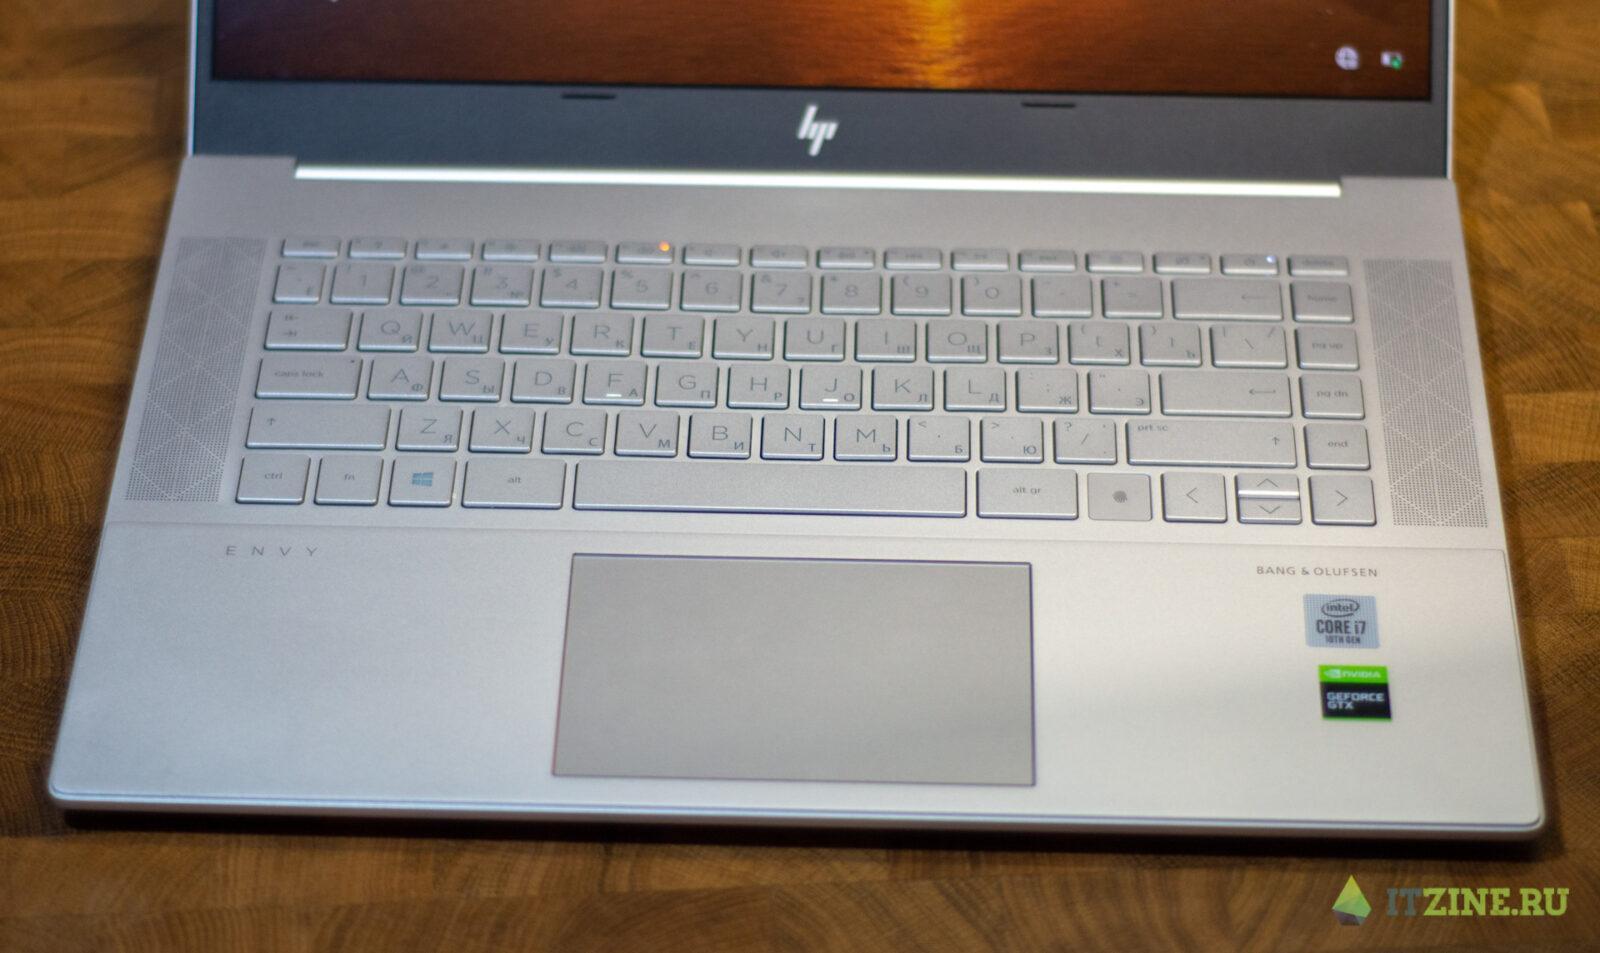 Обзор ноутбука HP Envy 15: мощь для создателей графического контента (hp envy 16)